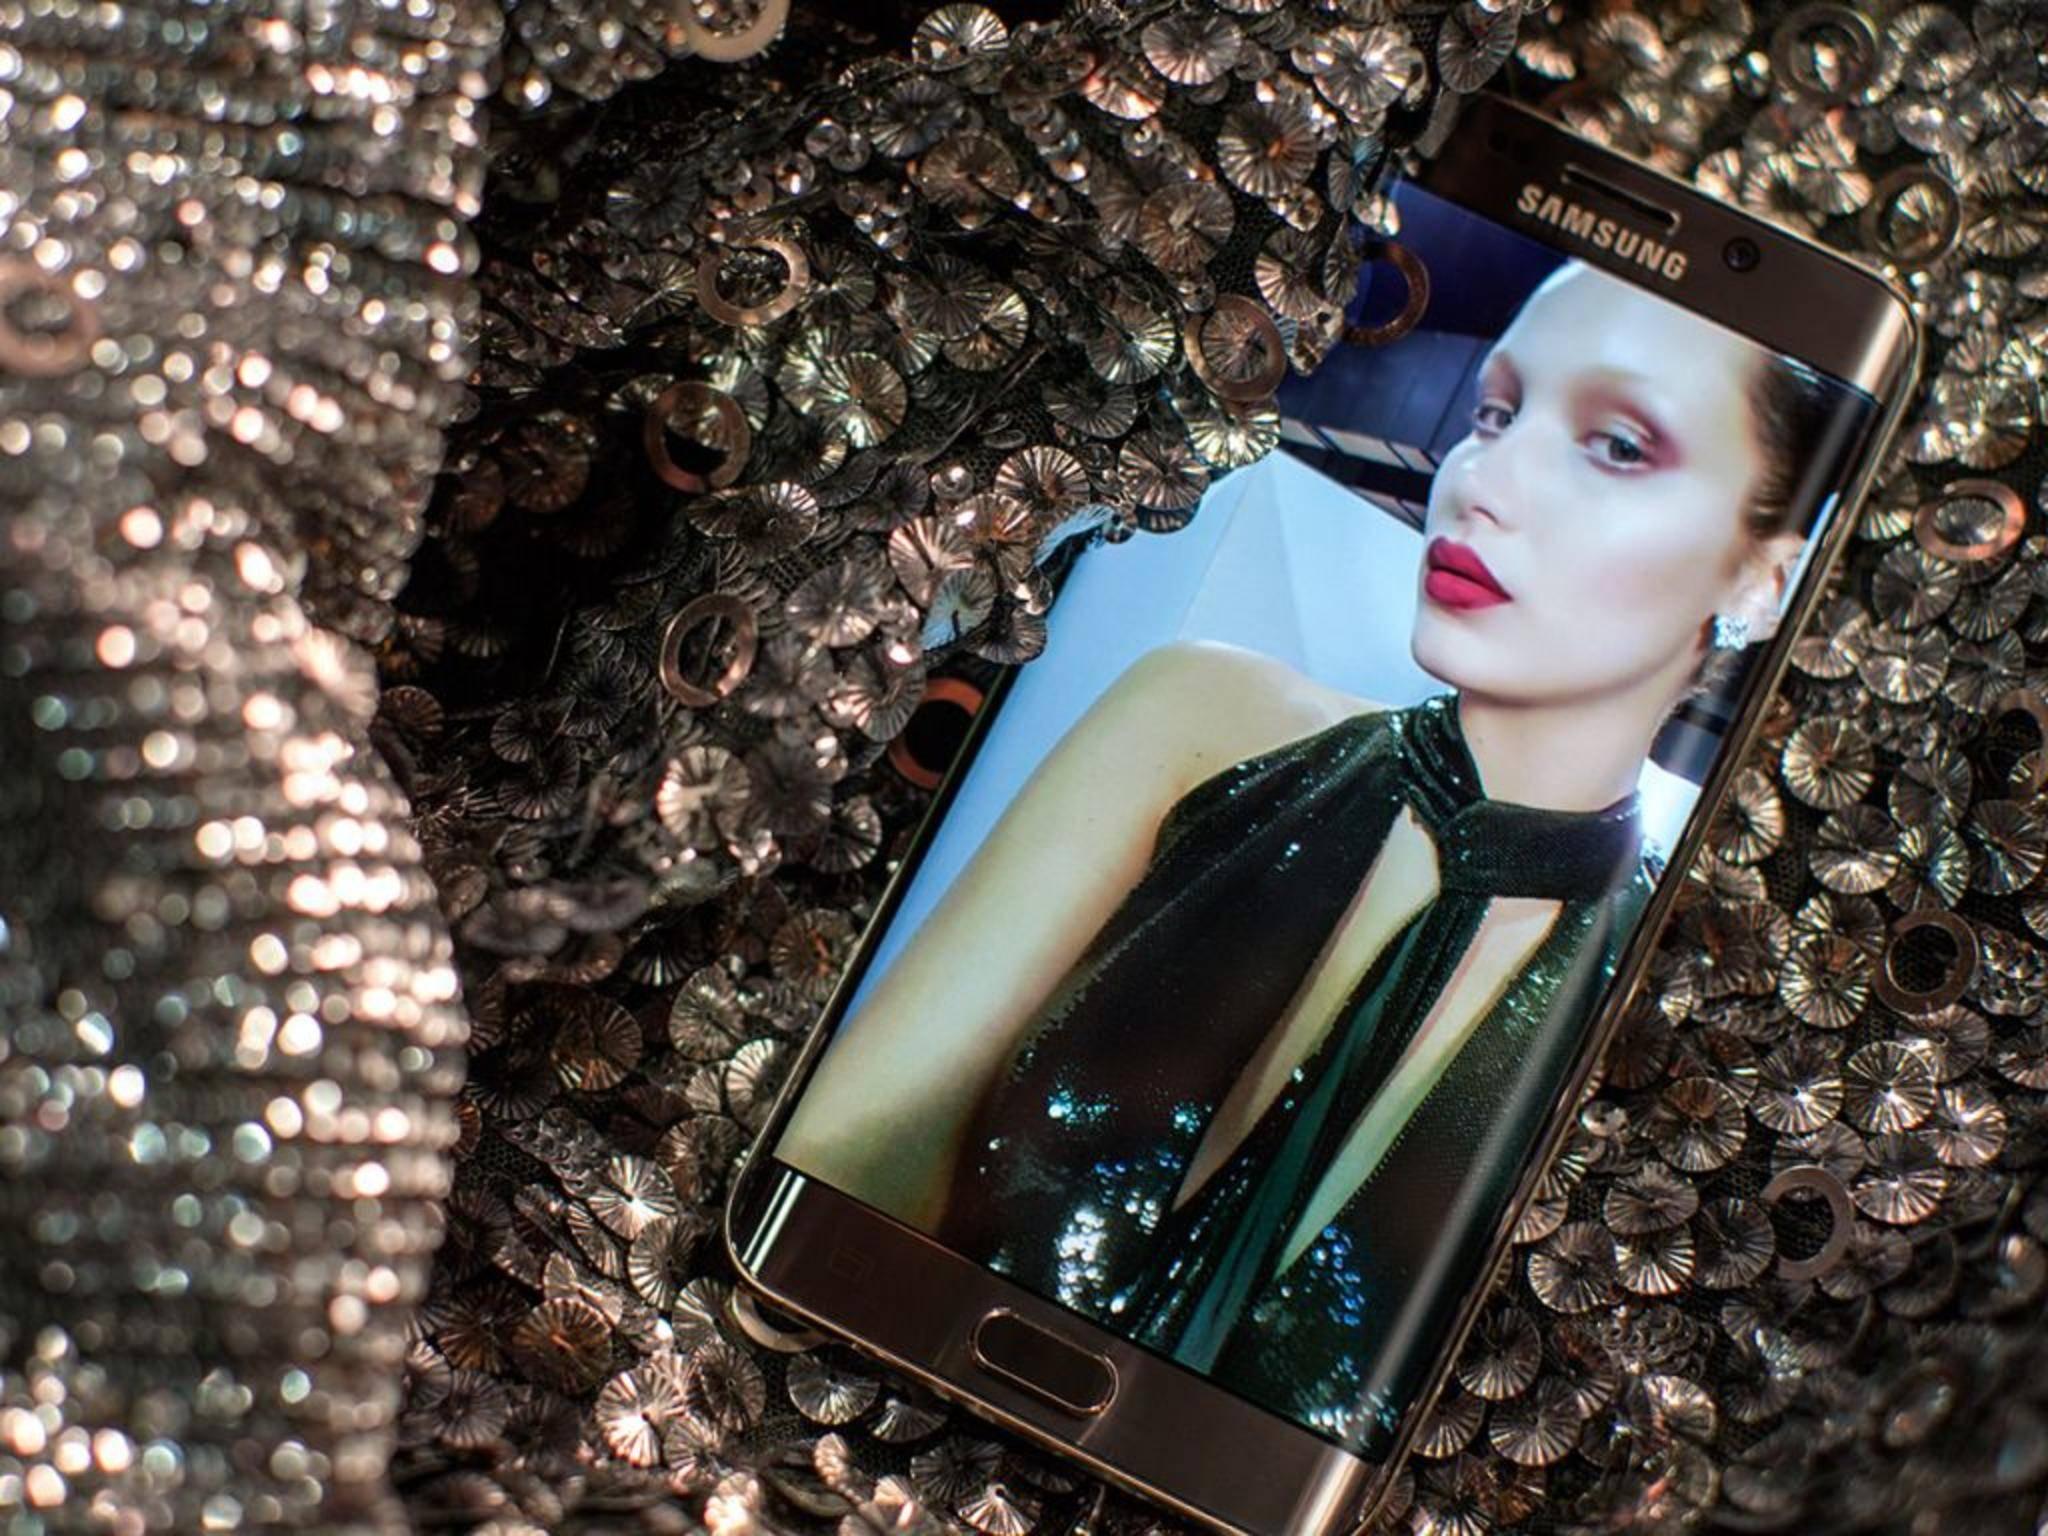 Das Samsung Galaxy S6 Edge soll noch im Dezember ein Update bekommen.